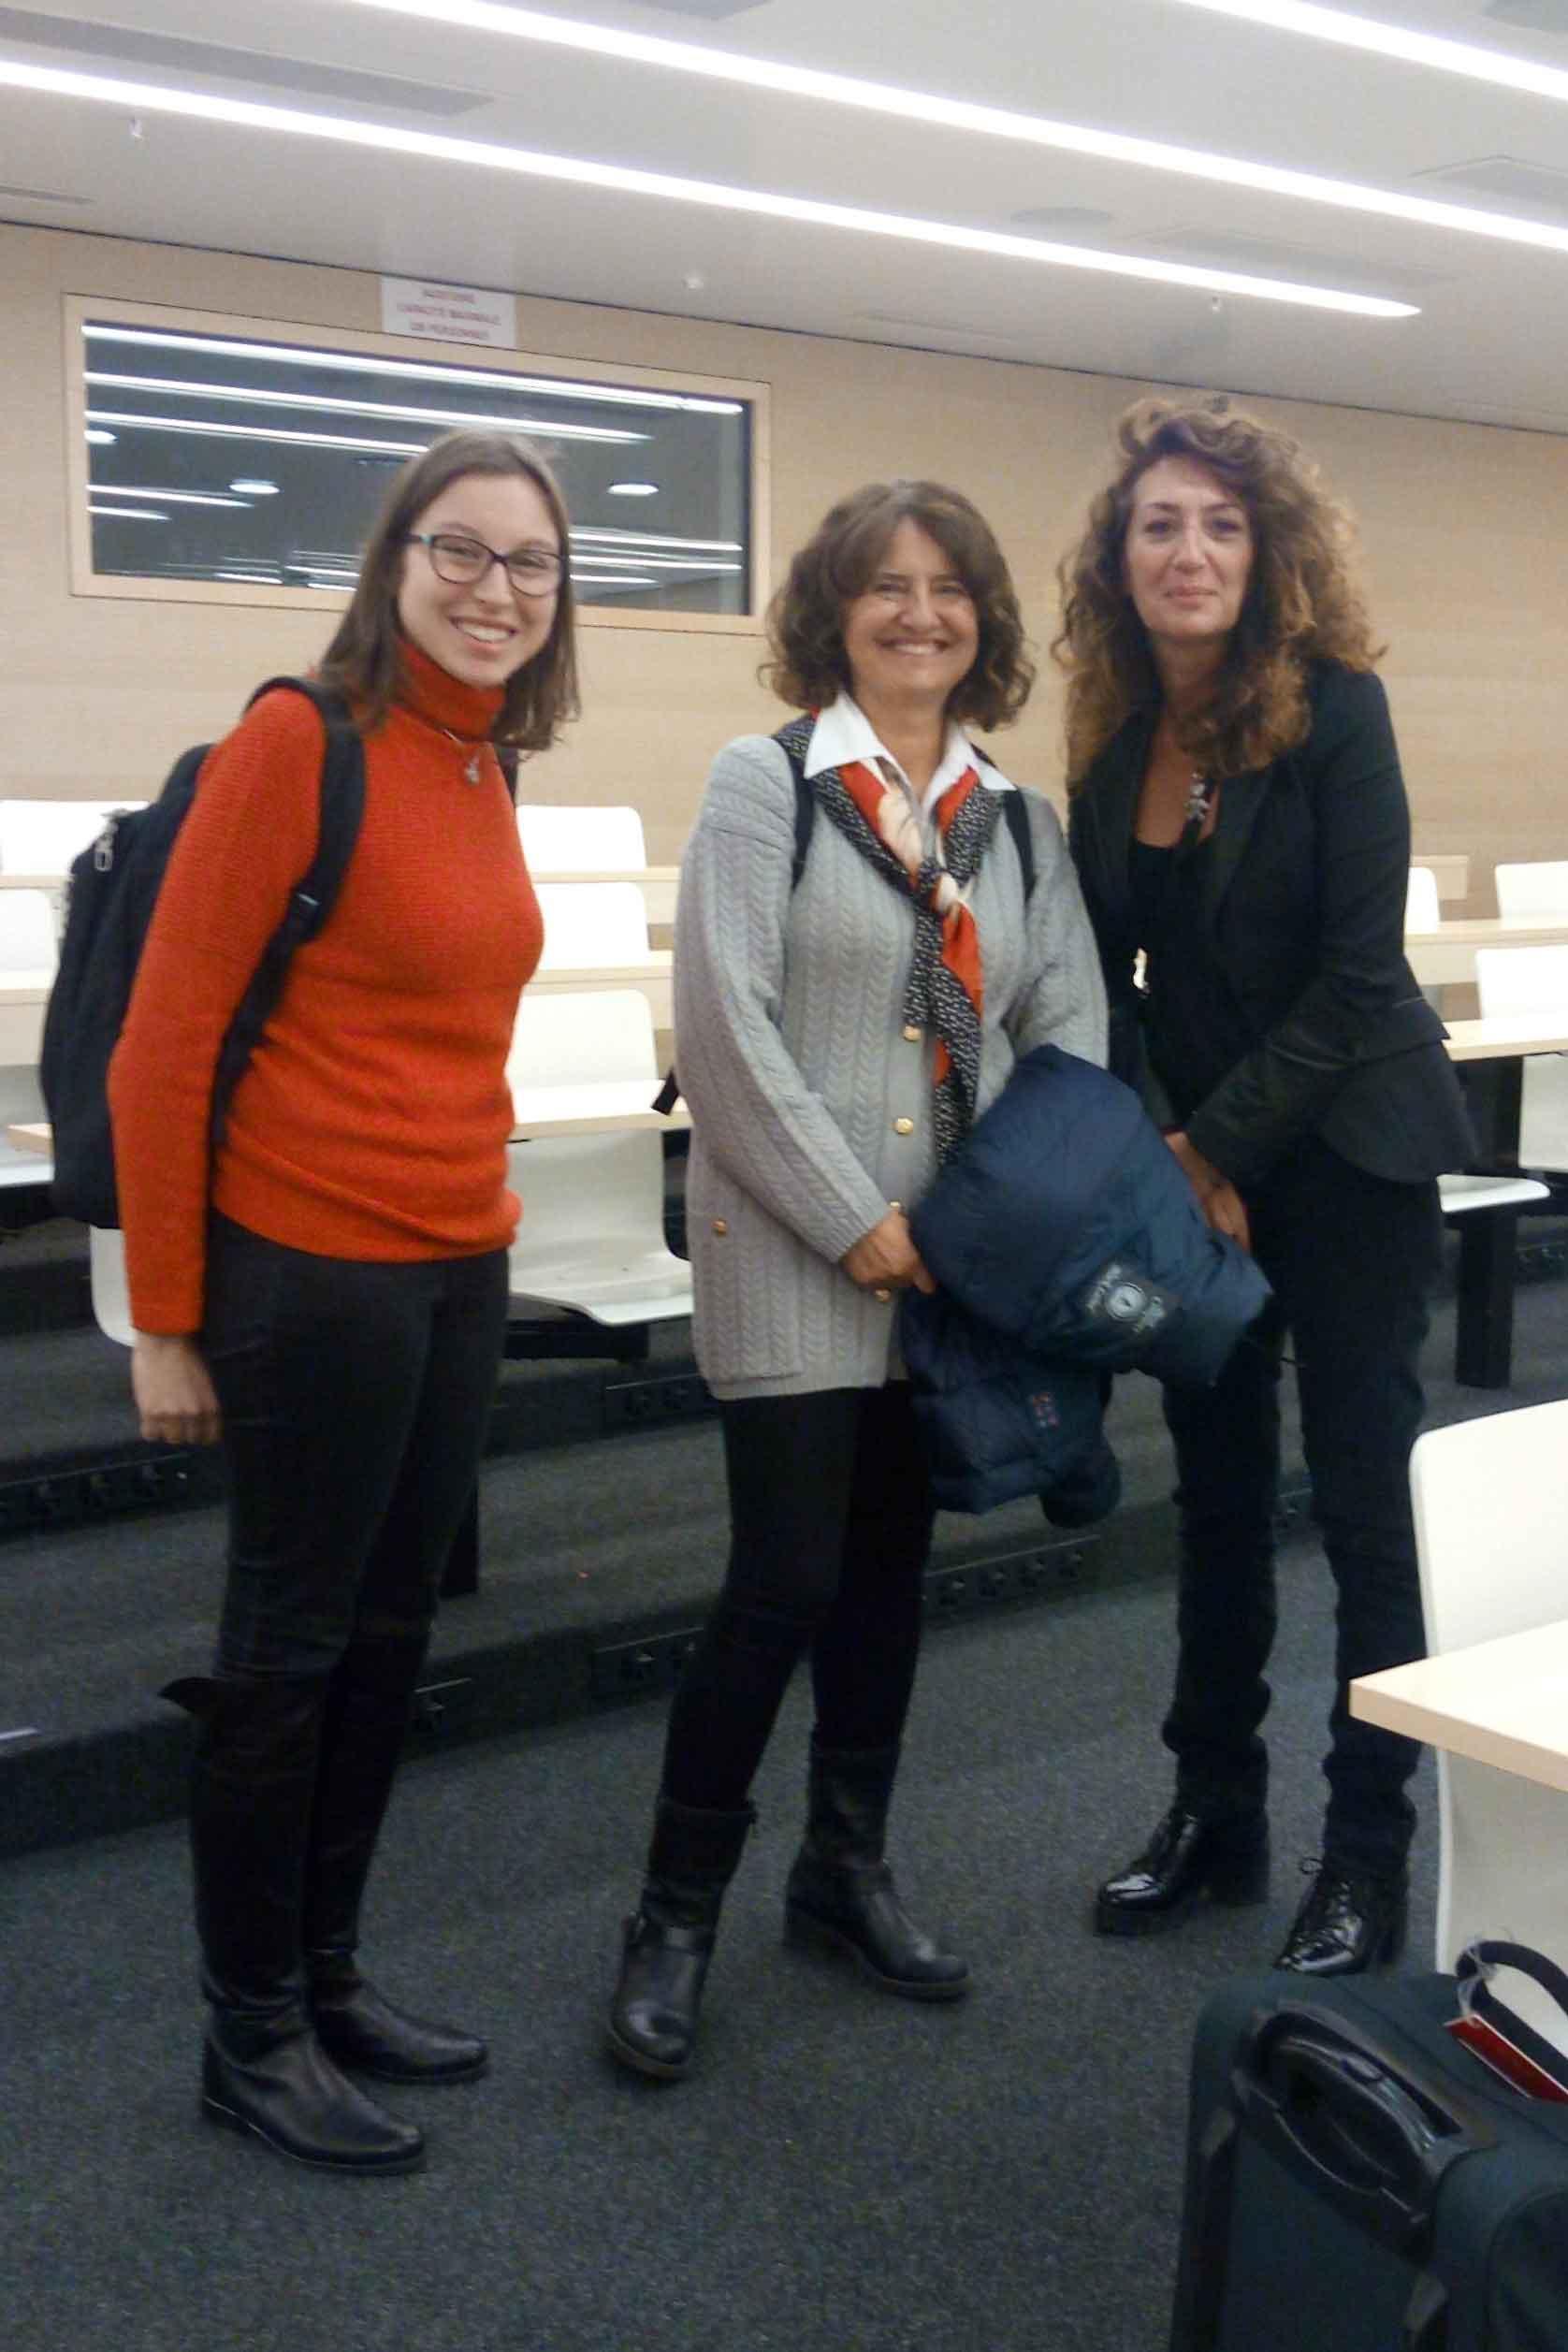 Student, Michela Matteoli and Paola Bezzi